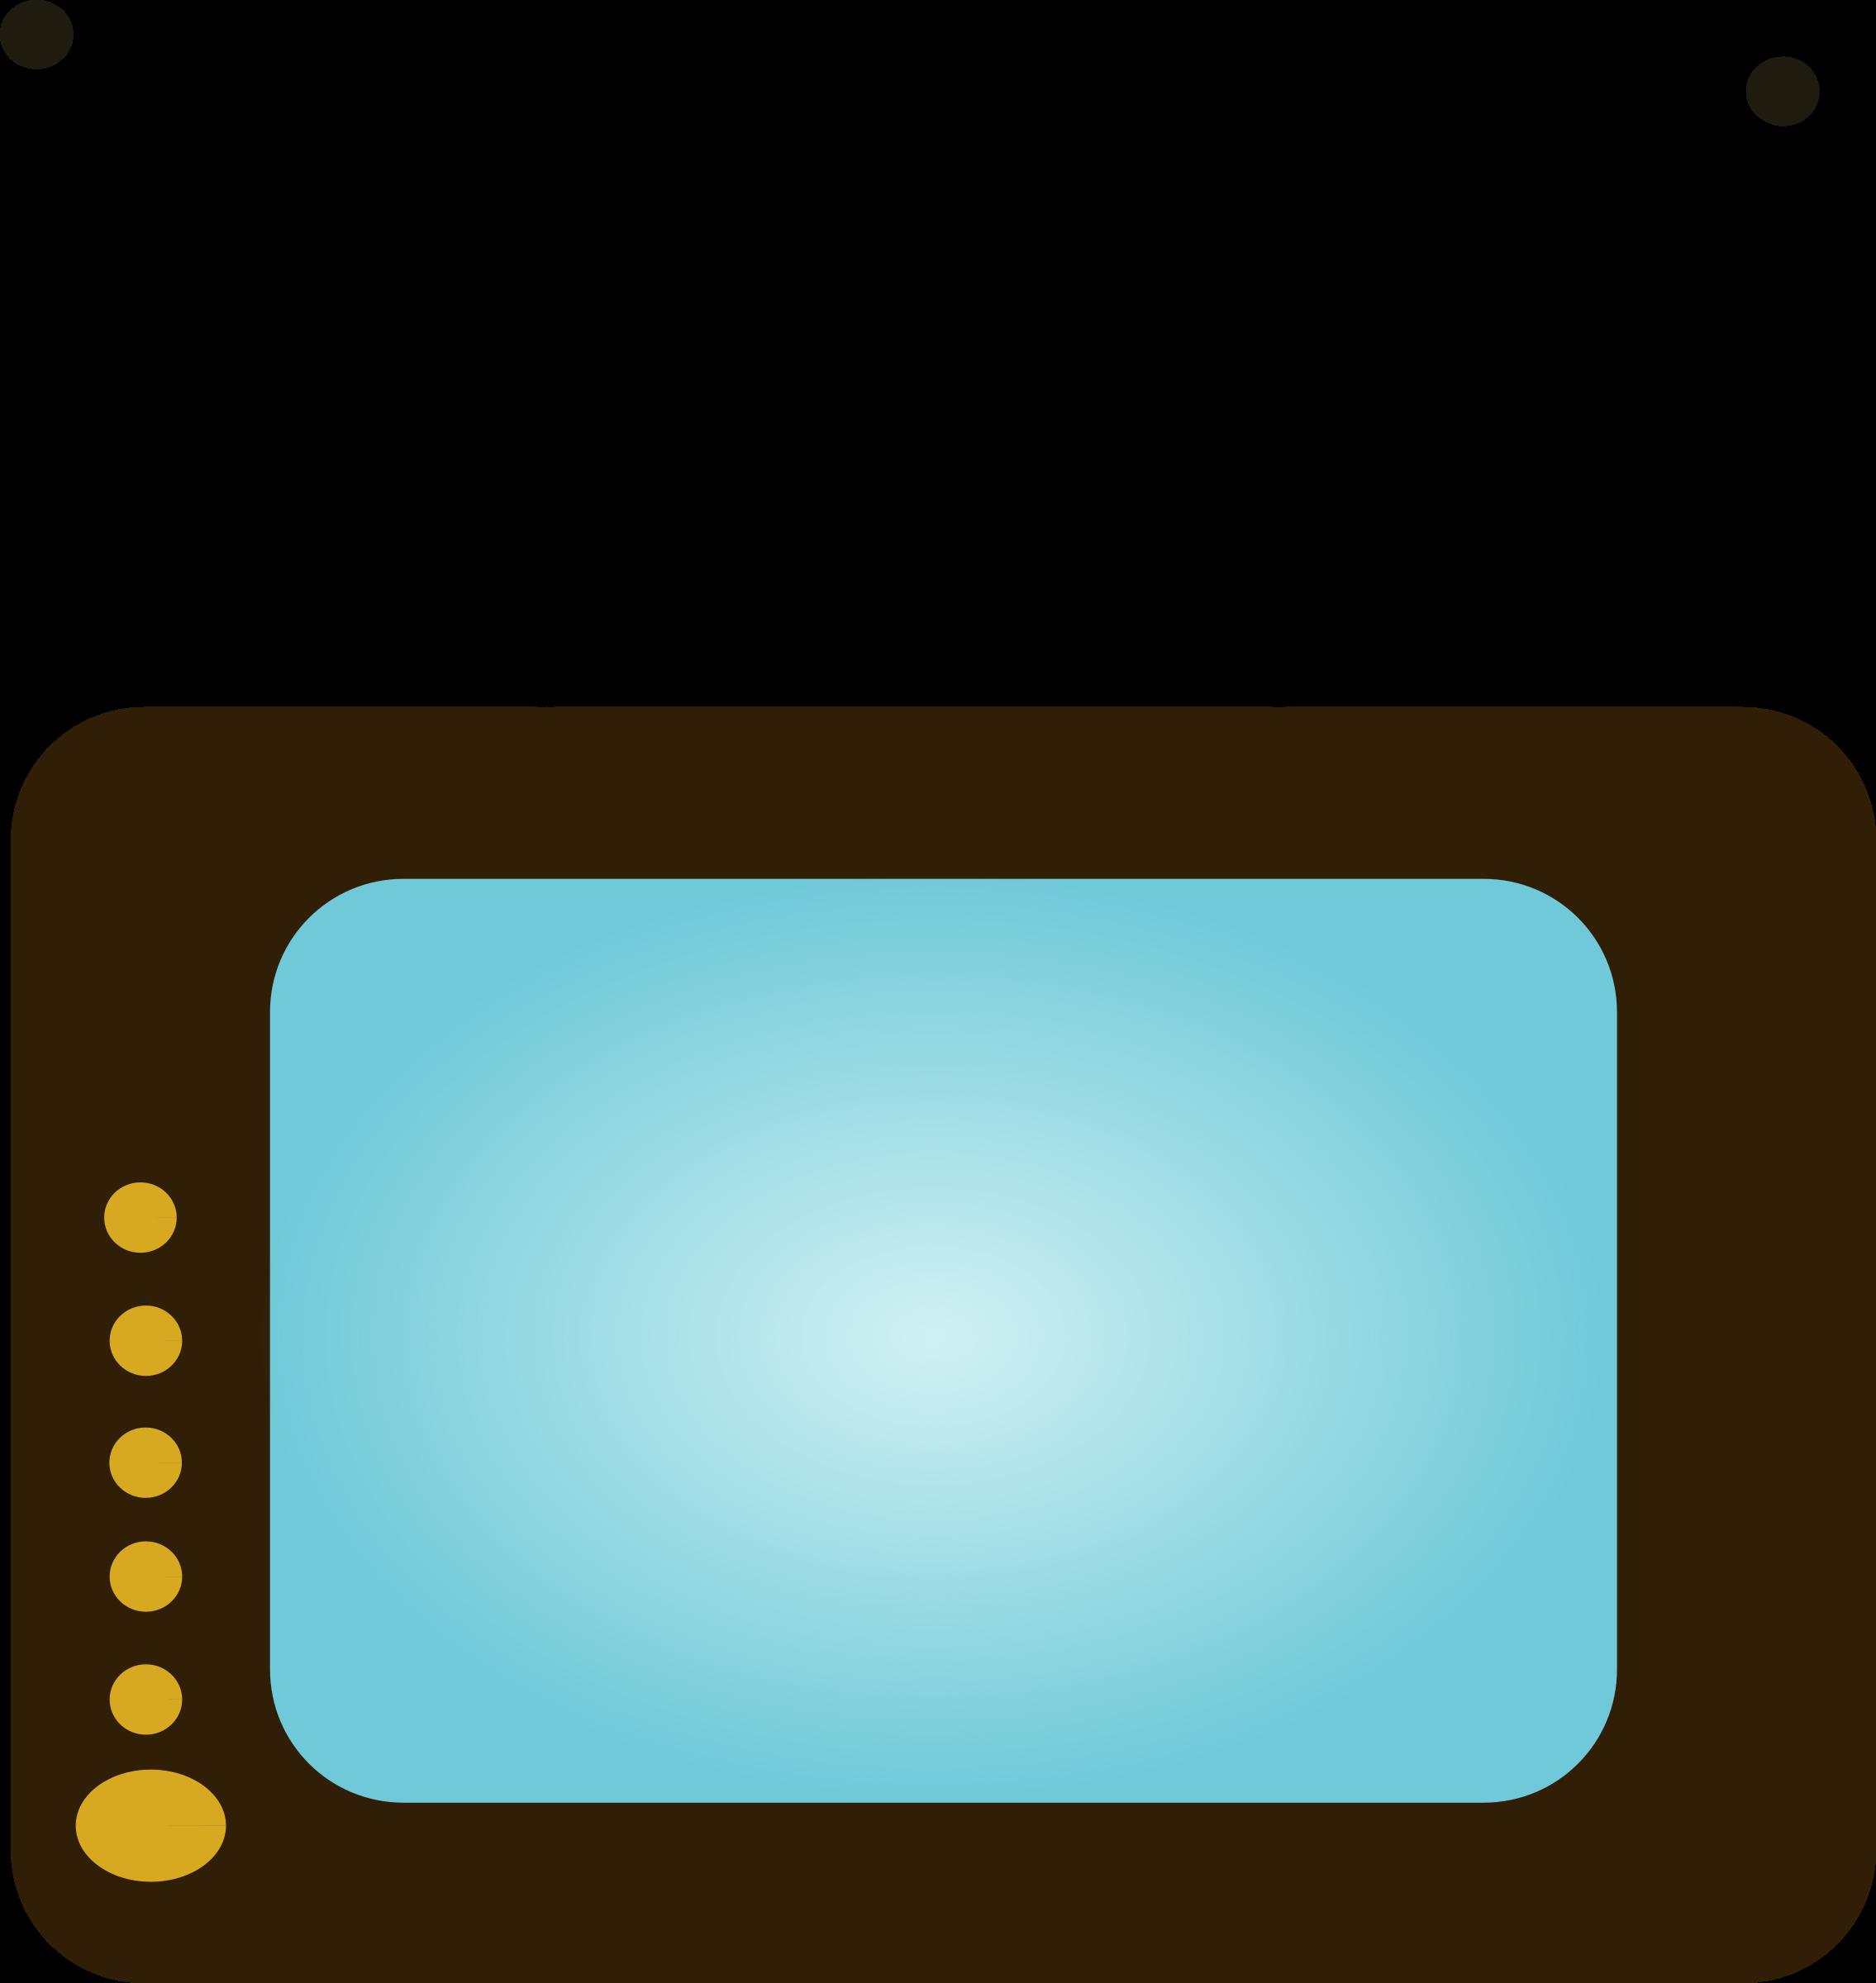 2270x2400 Clip Art Tv Images Clip Art